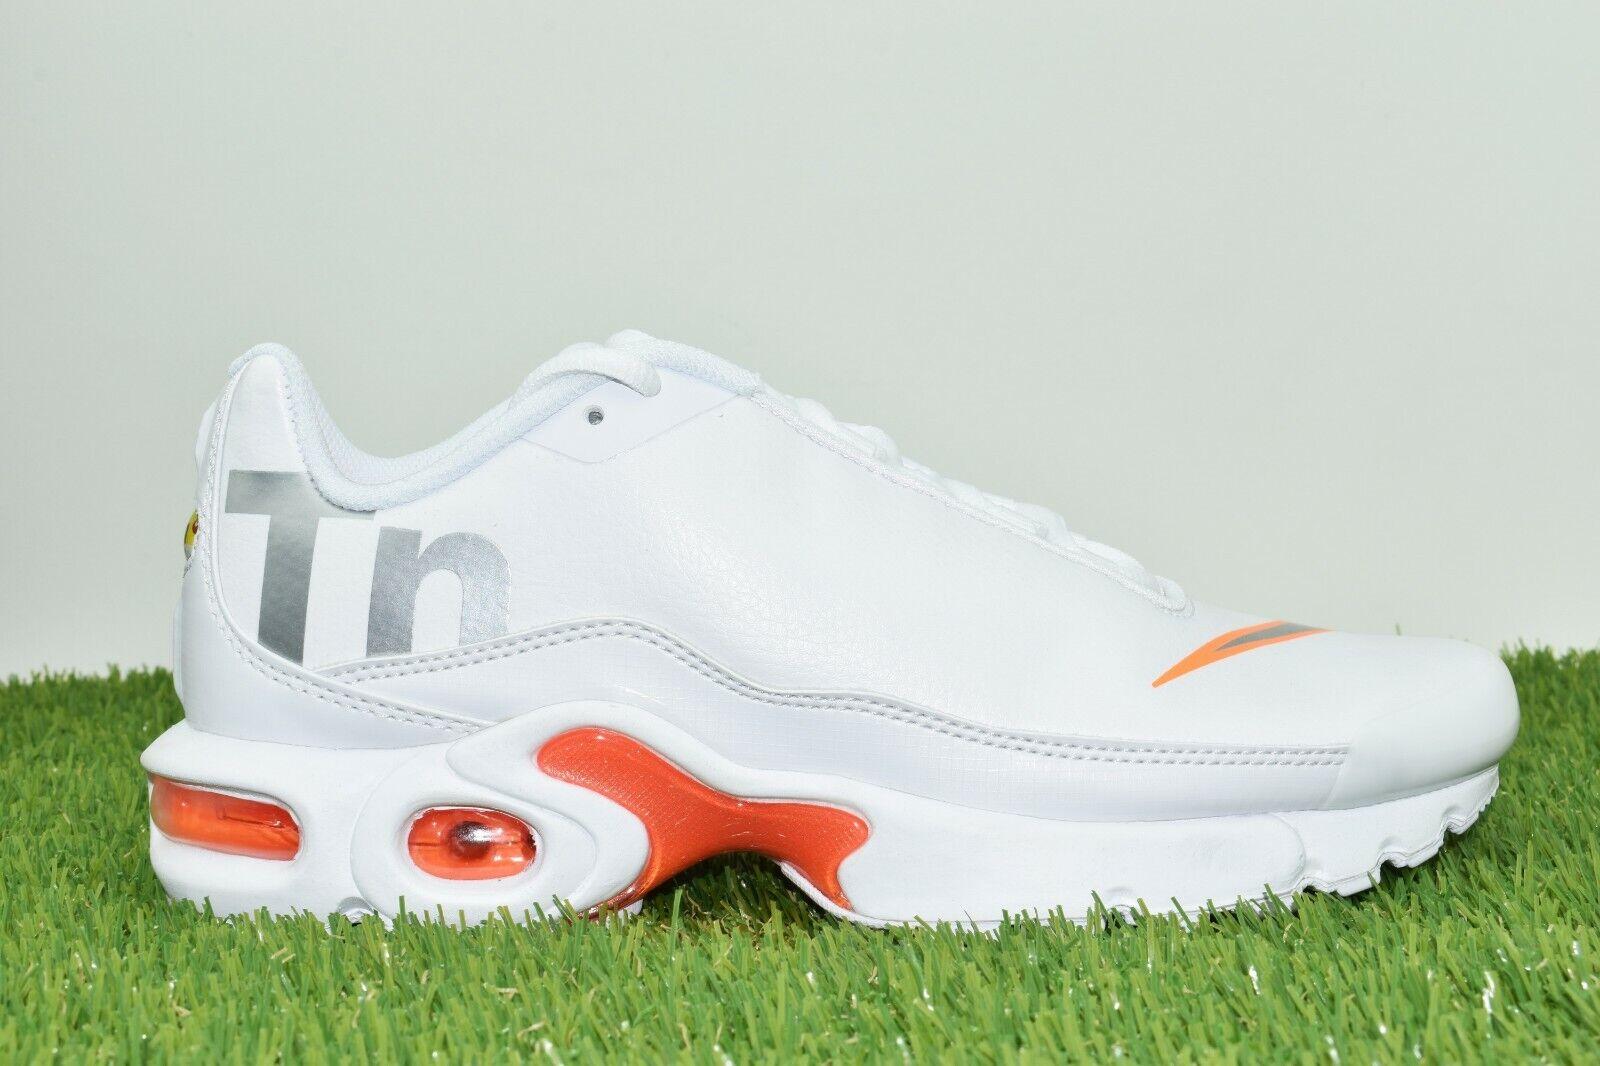 Nike Air Max Plus TN SE Multi Sizes Big Logo White Silver orange AR0005 100